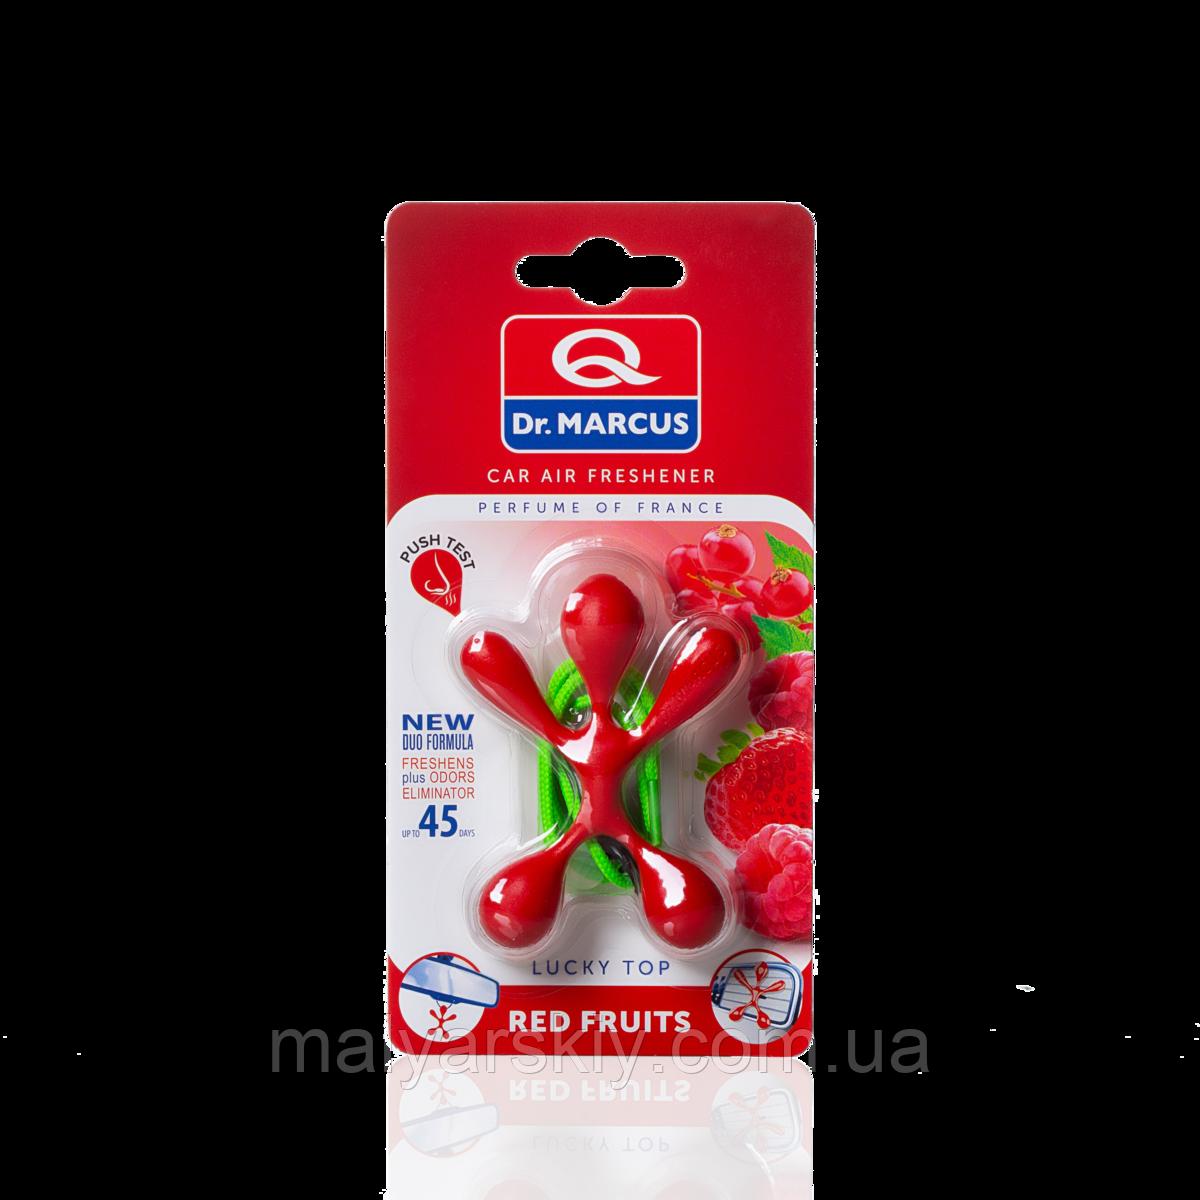 Освіжувач салону  Lucky Top Red Fruits (Червоні фрукти) Dr.Marcus